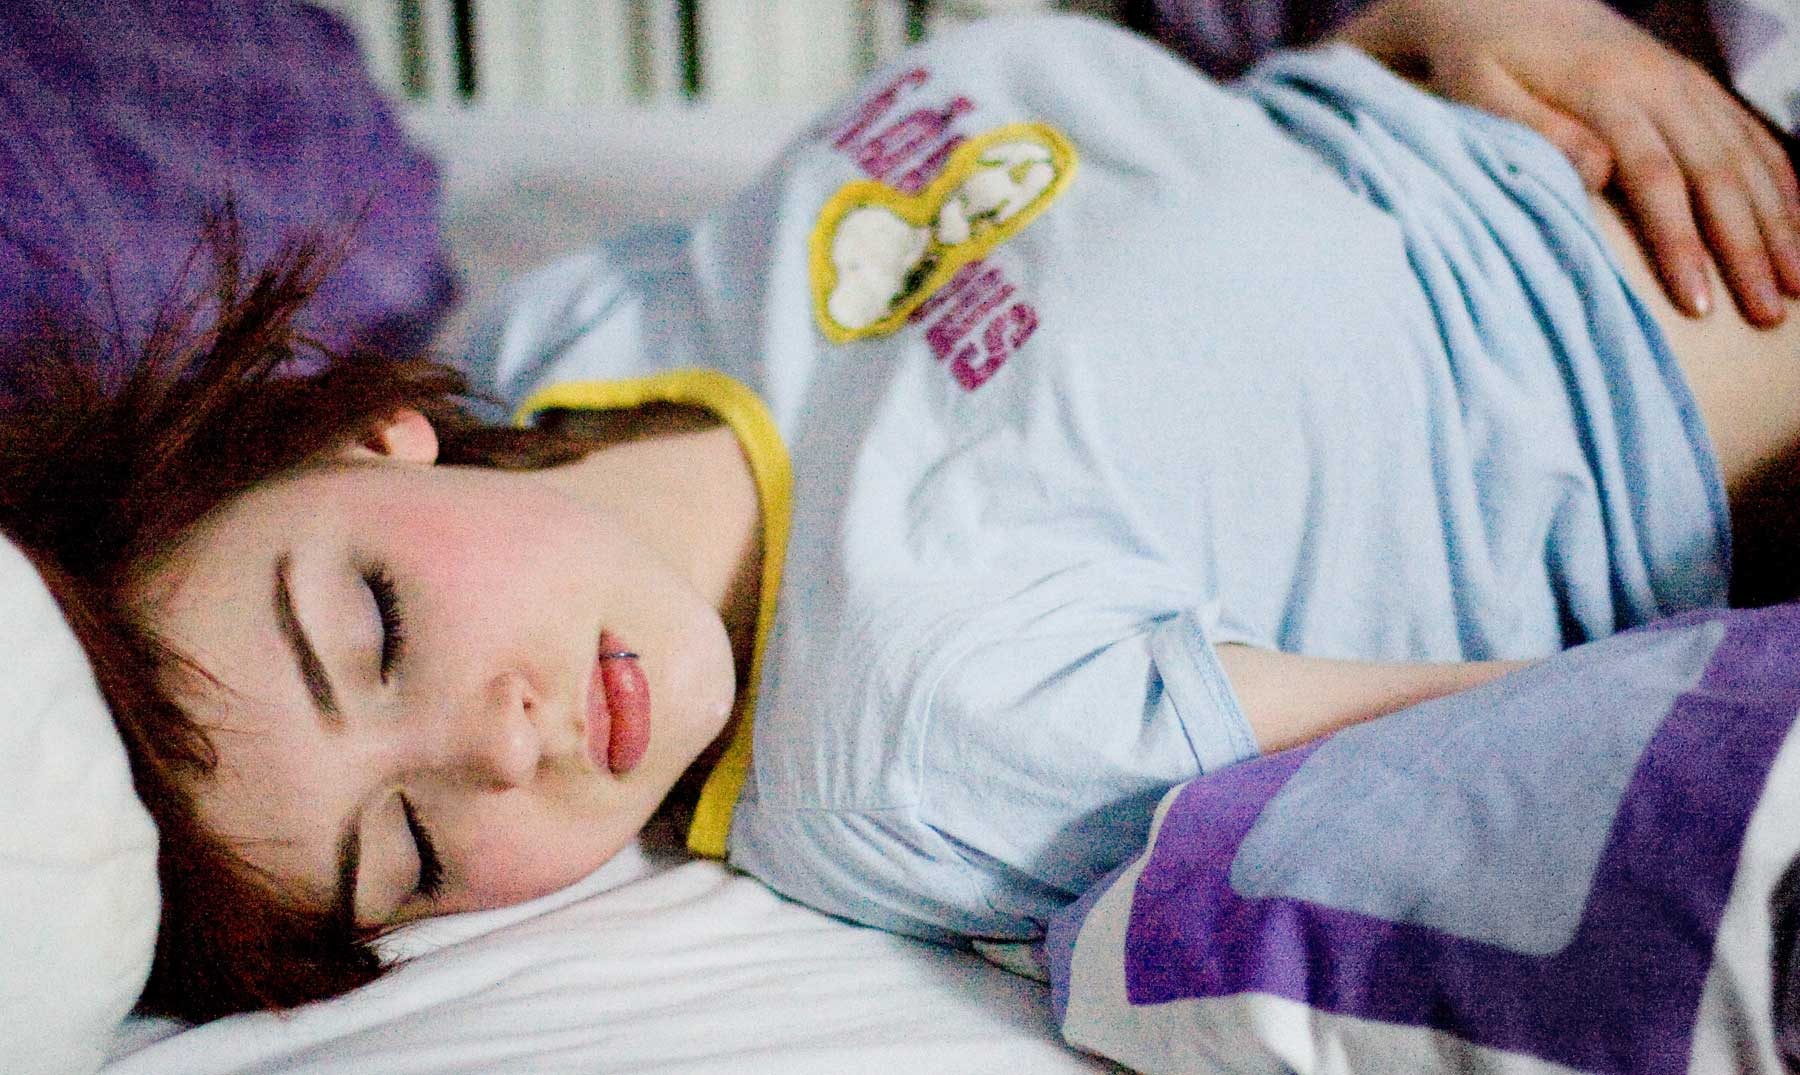 Dormir adelgaza o engorda?